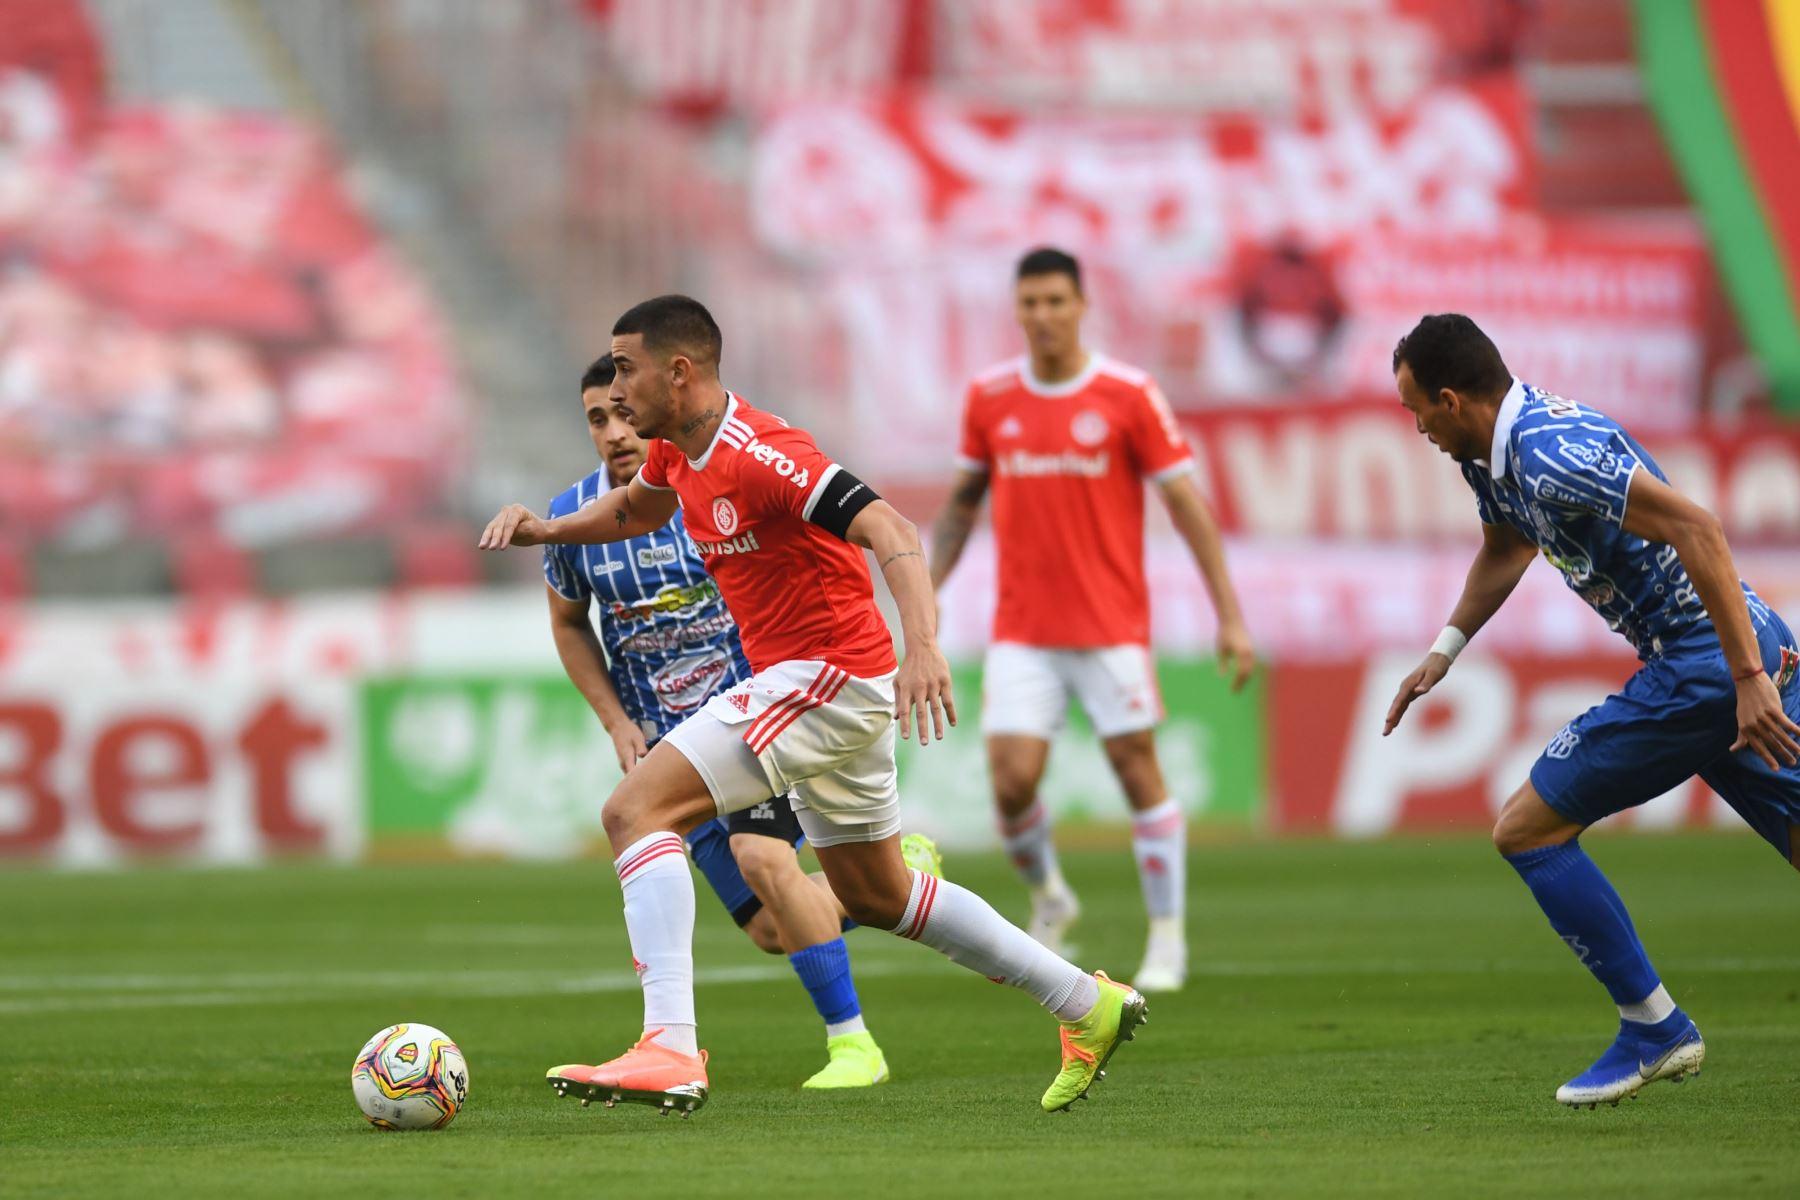 Finalmente, Internacional derrotó 4-0 a Esportivo de Bento por la semifinal del campeonato Gaúcho. Foto: @SCInternacional